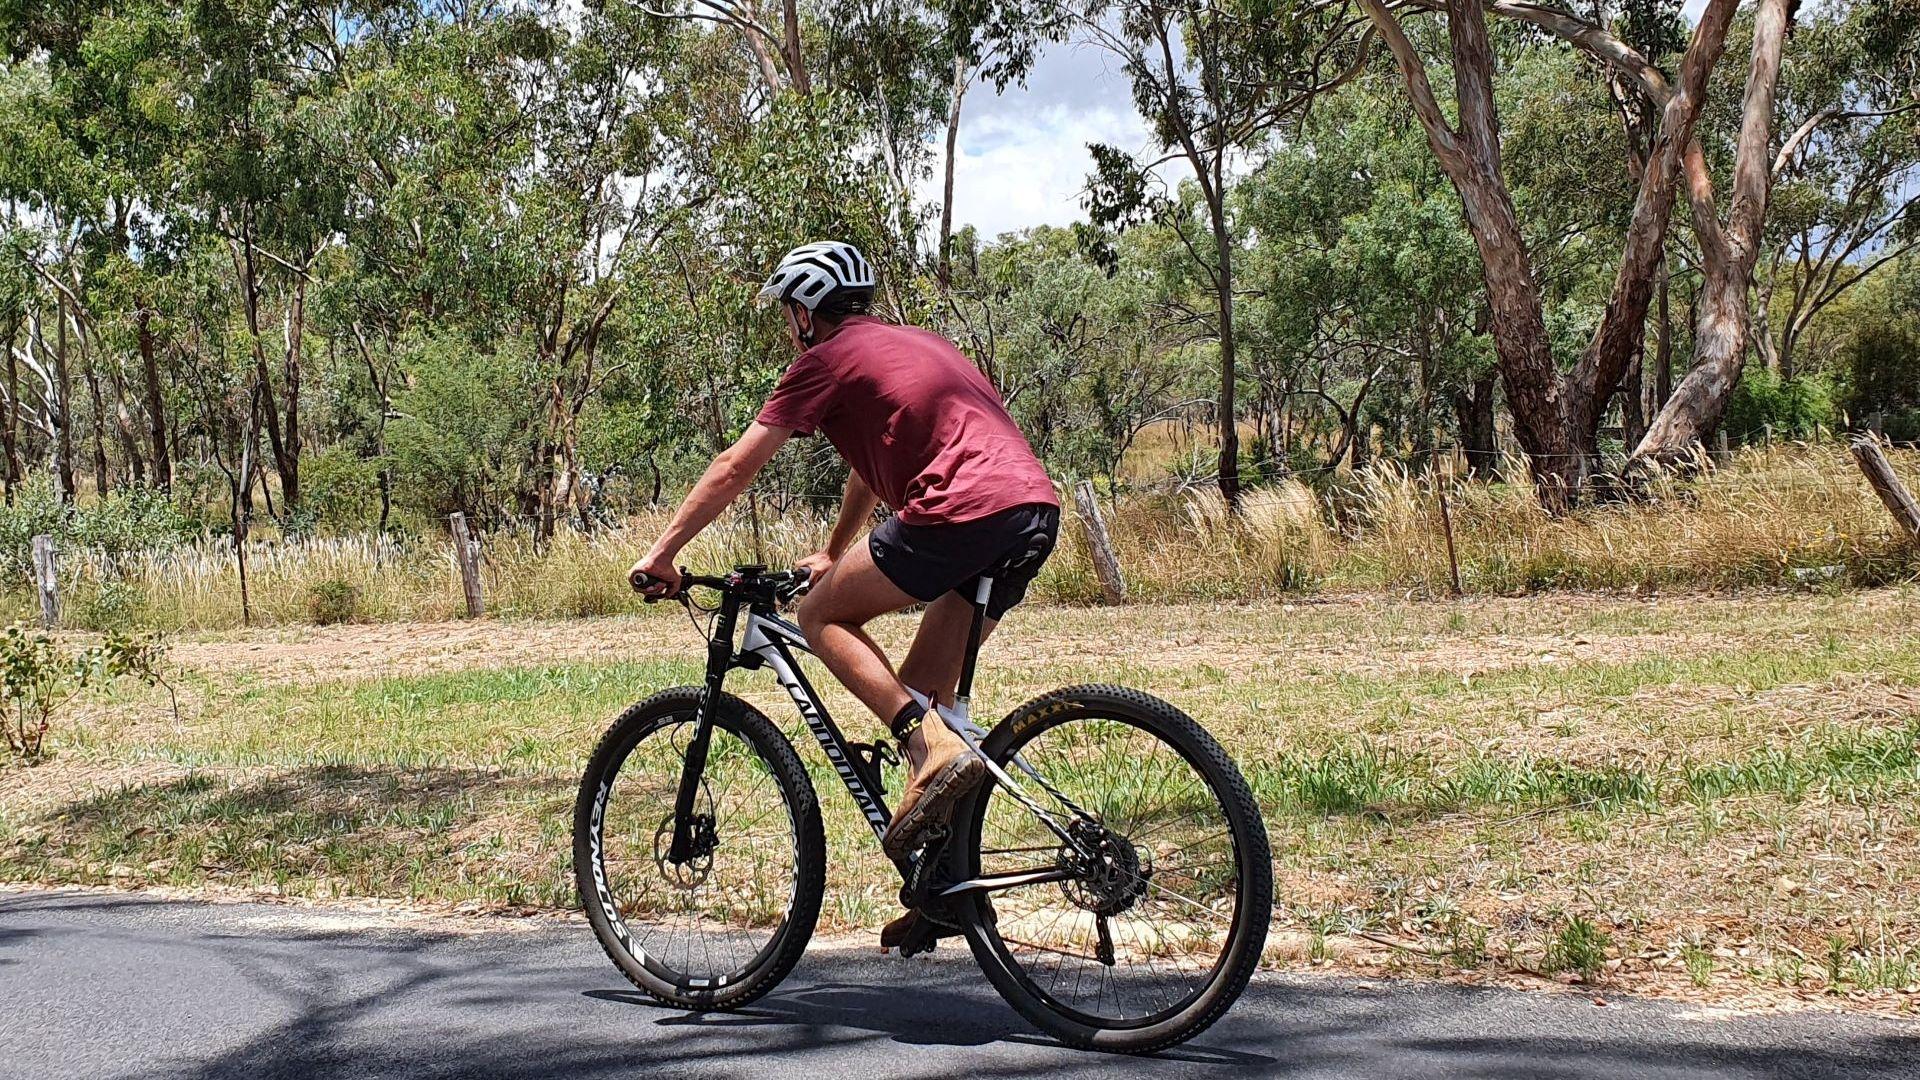 Riding a bike in regional NSW? Researchers seek your opinion in survey